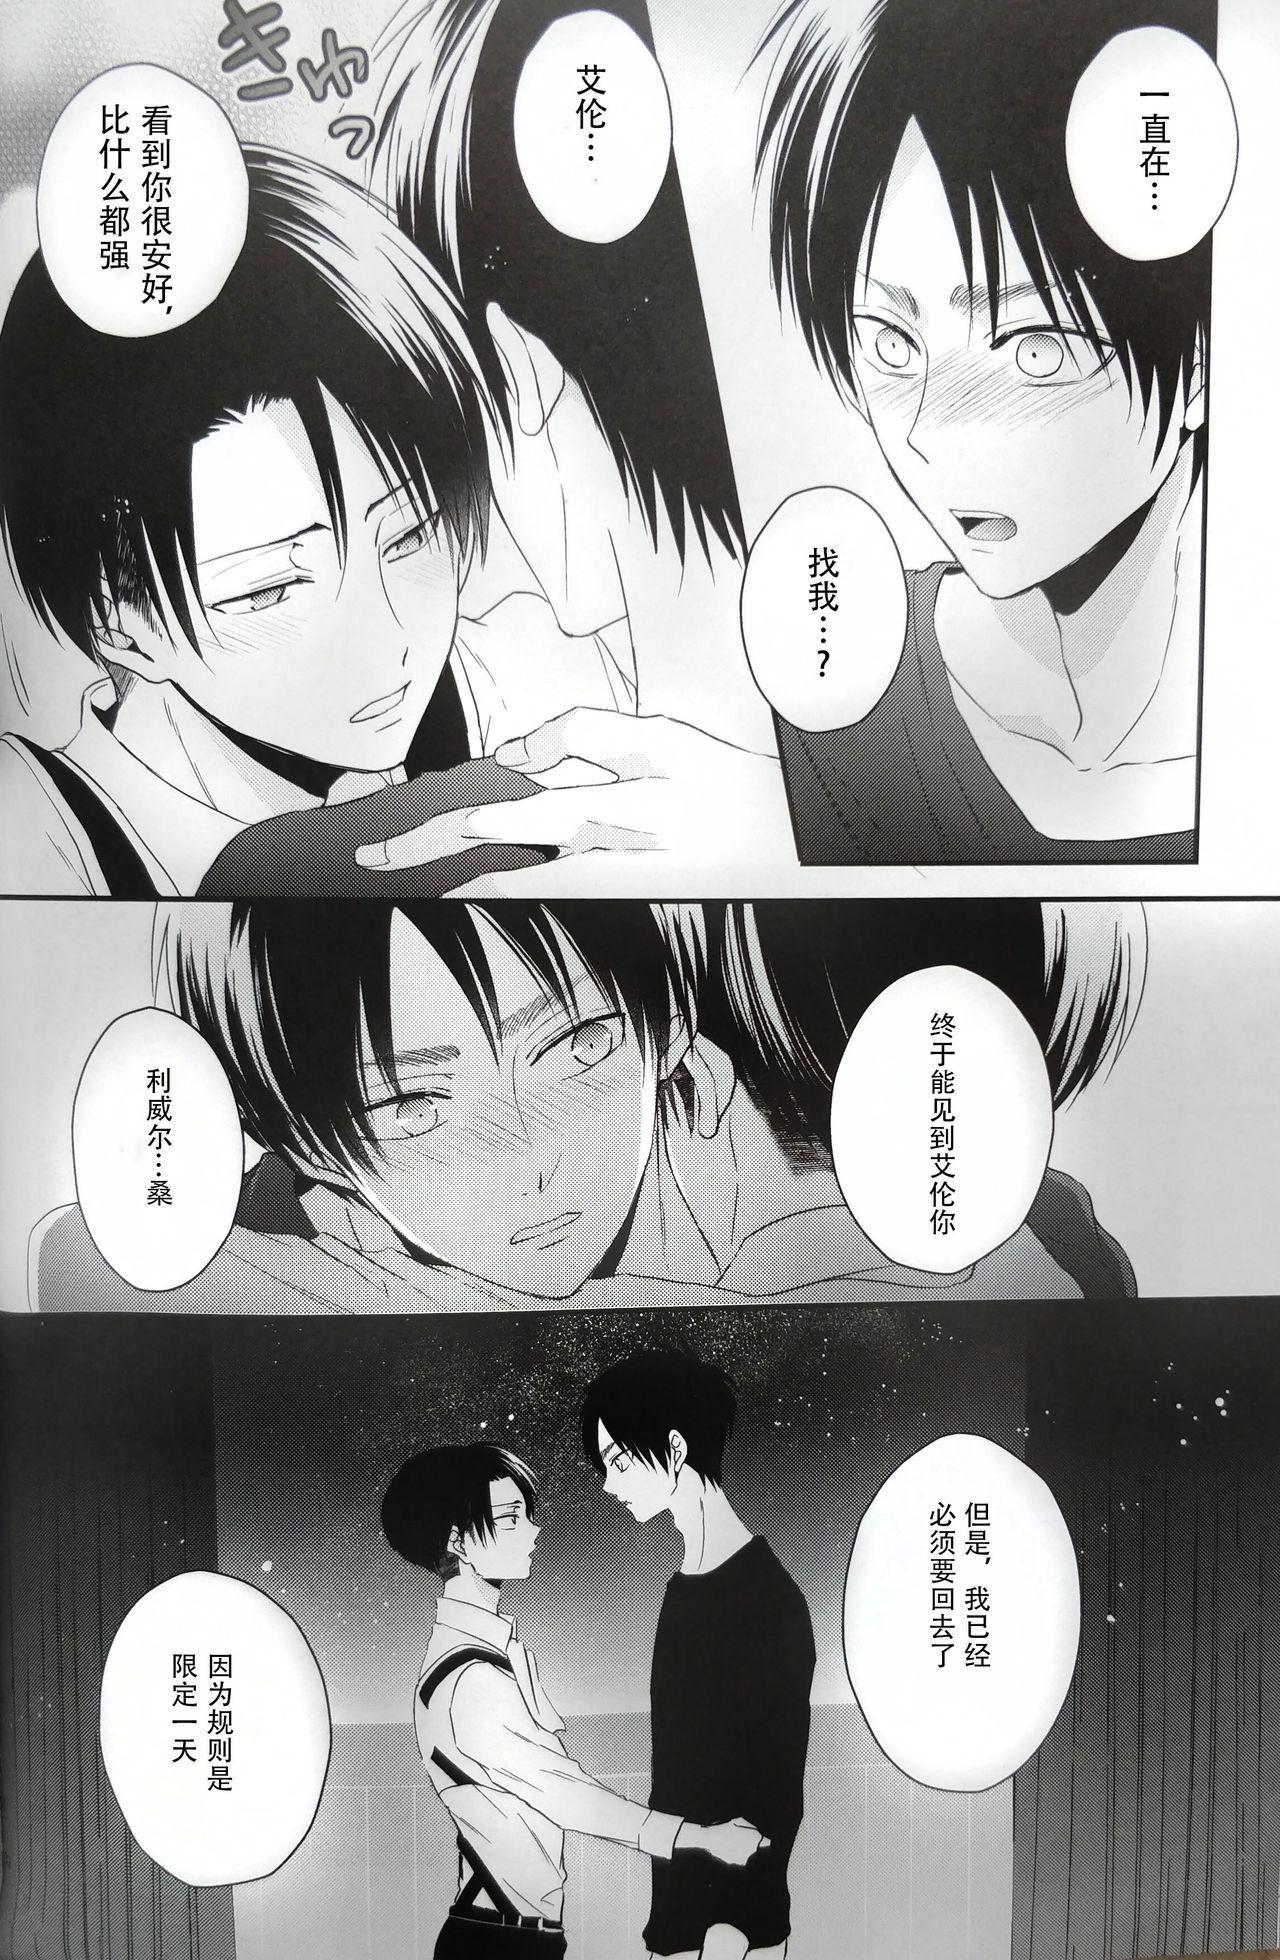 Hoshi e cho ni onegai ~tsu! | 向星兵长许愿! 29